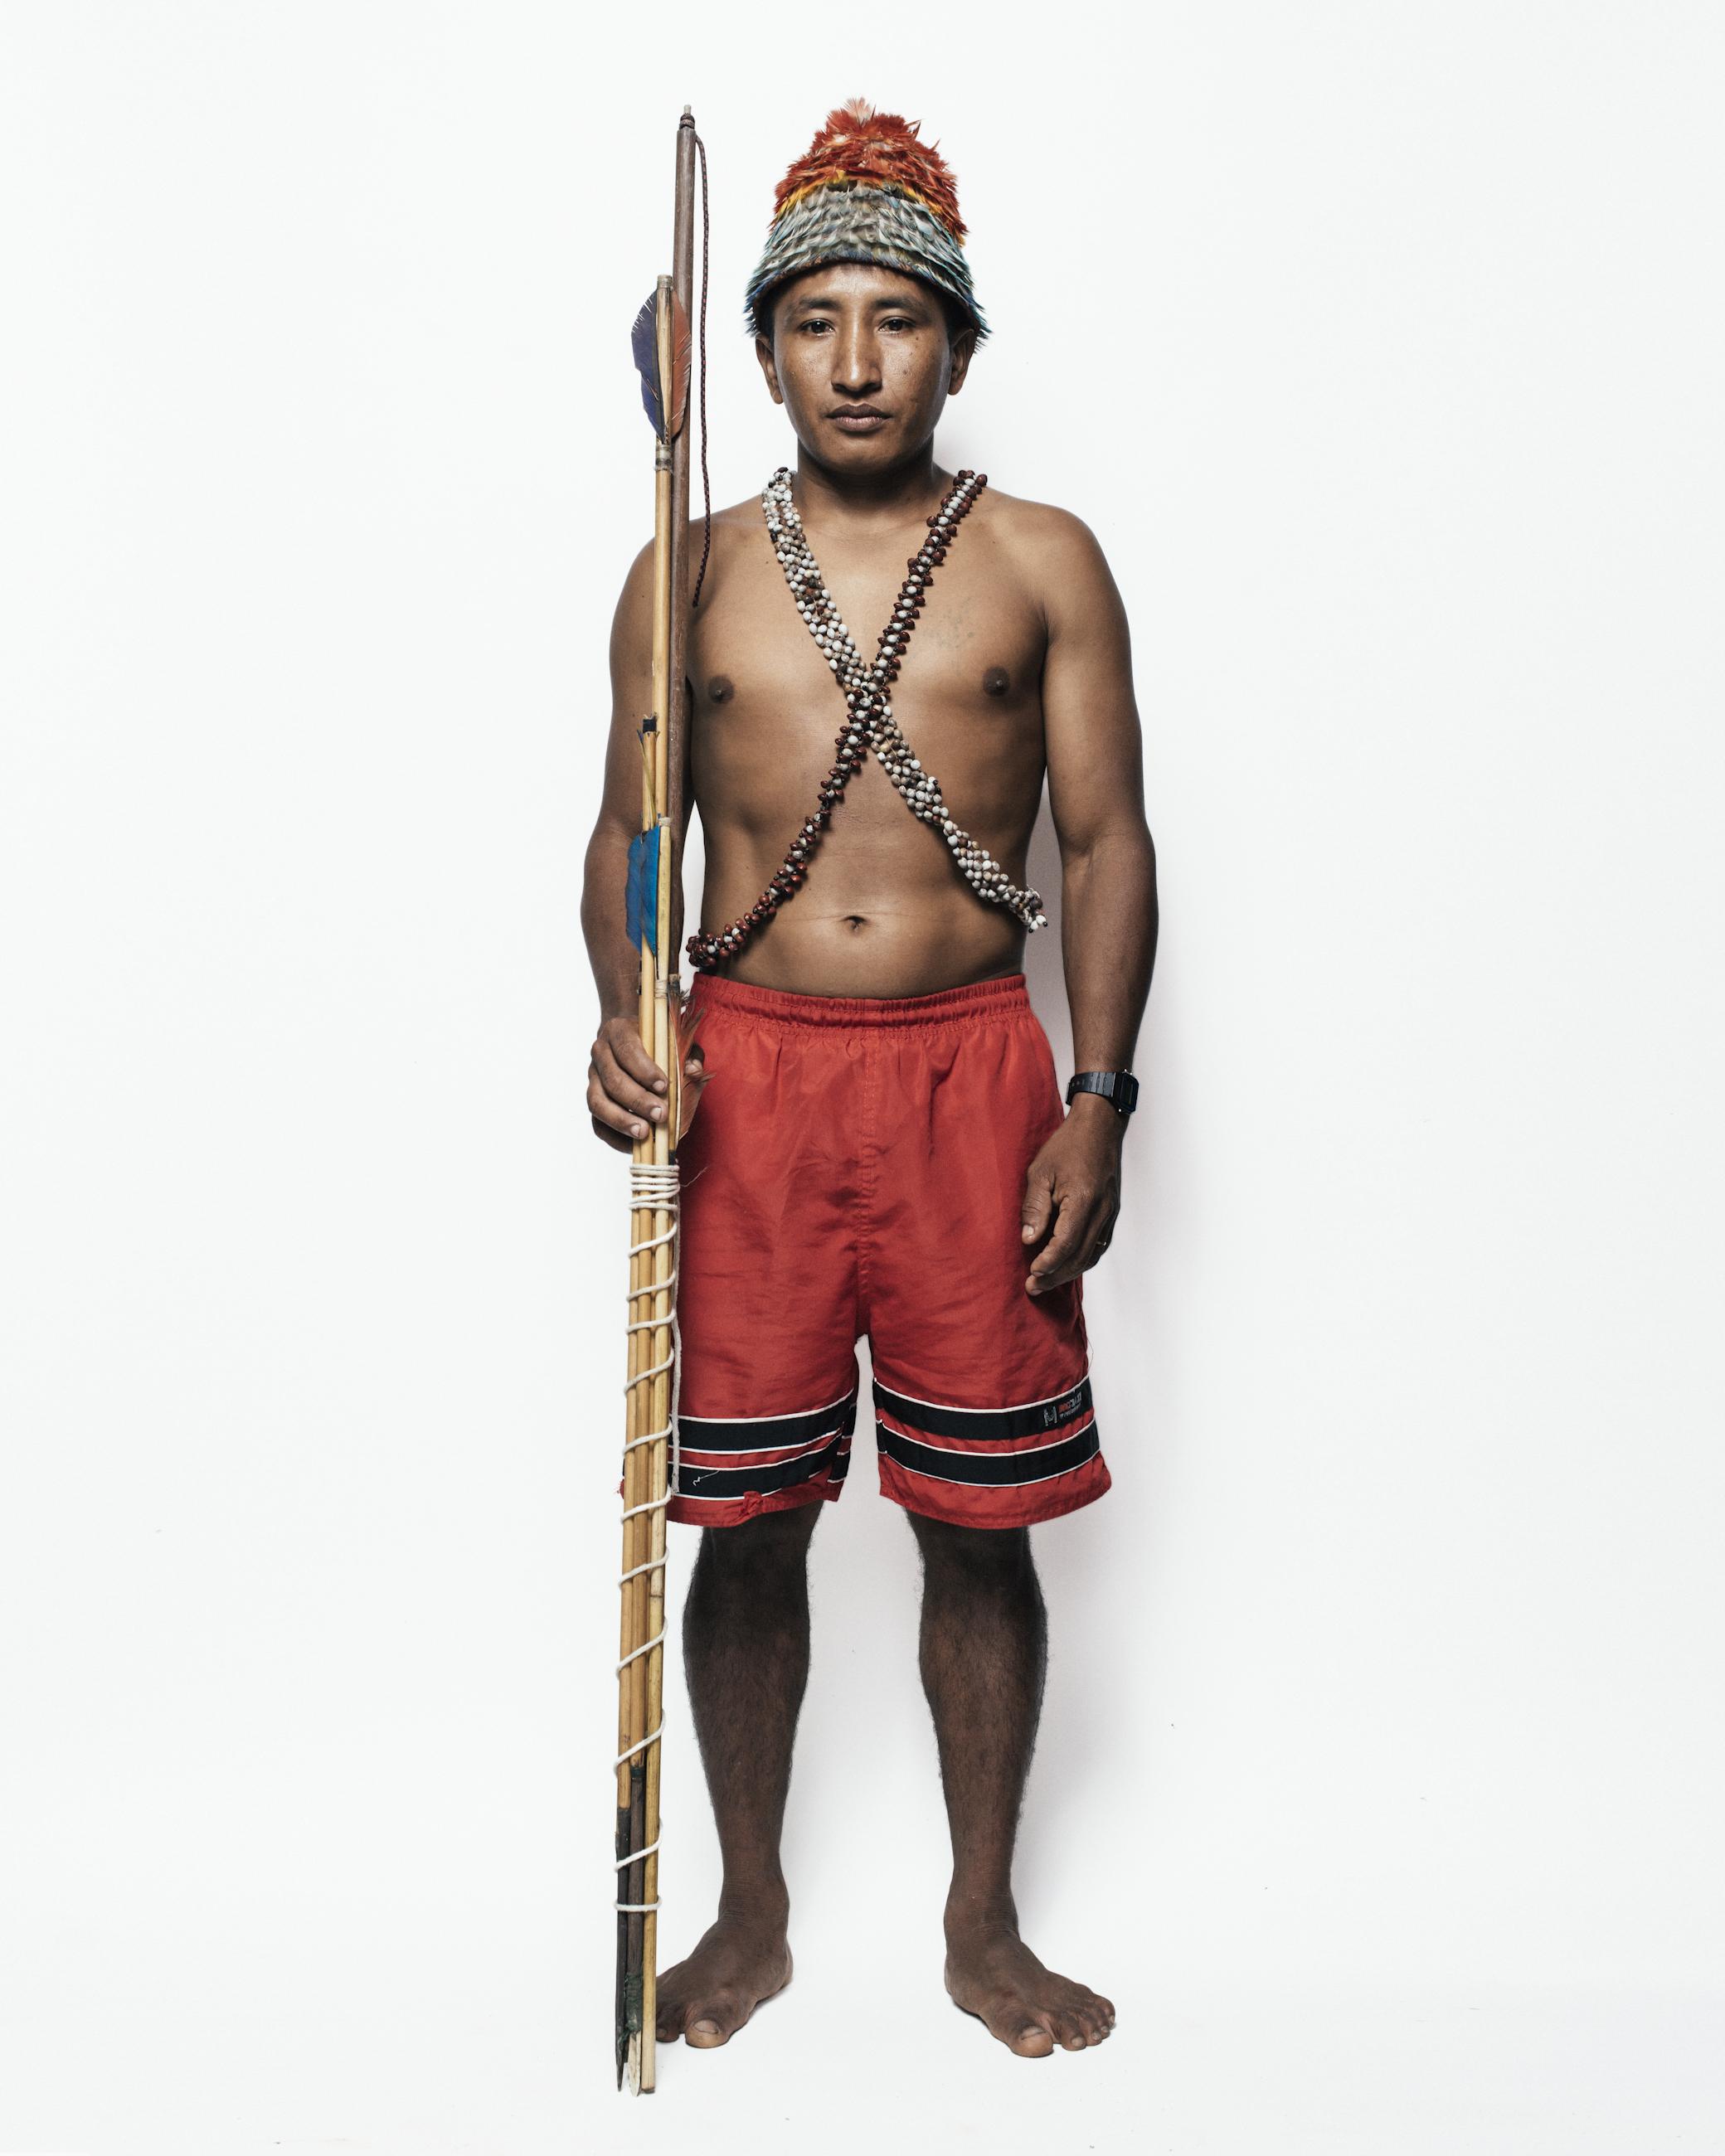 Ivair Dace, indígena da etnia Munduruku, Pará, 2014. Filipe Redondo/Fotografia